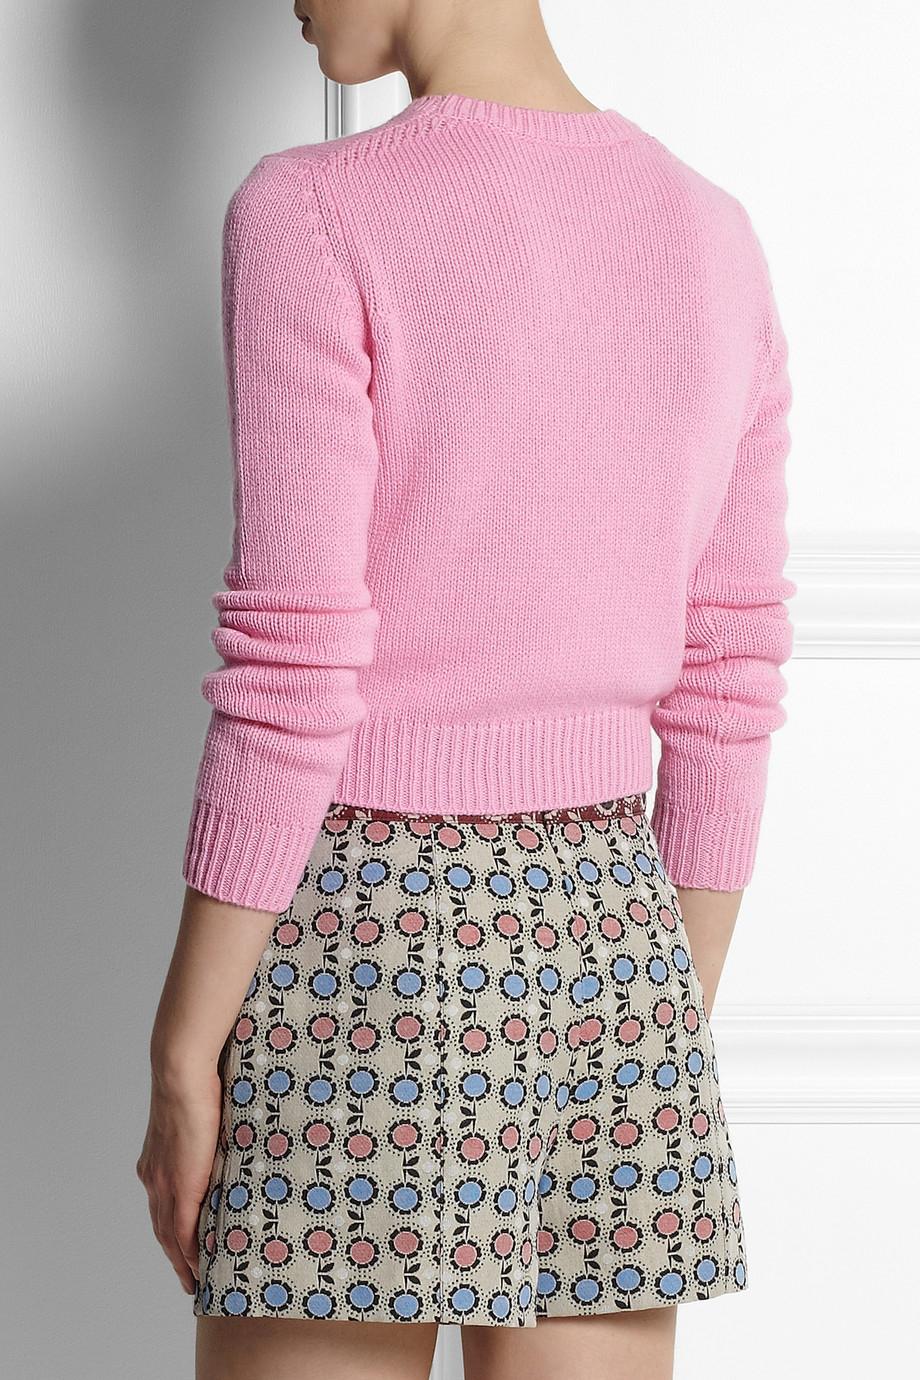 Miu miu Cropped Cashmere Sweater in Pink | Lyst